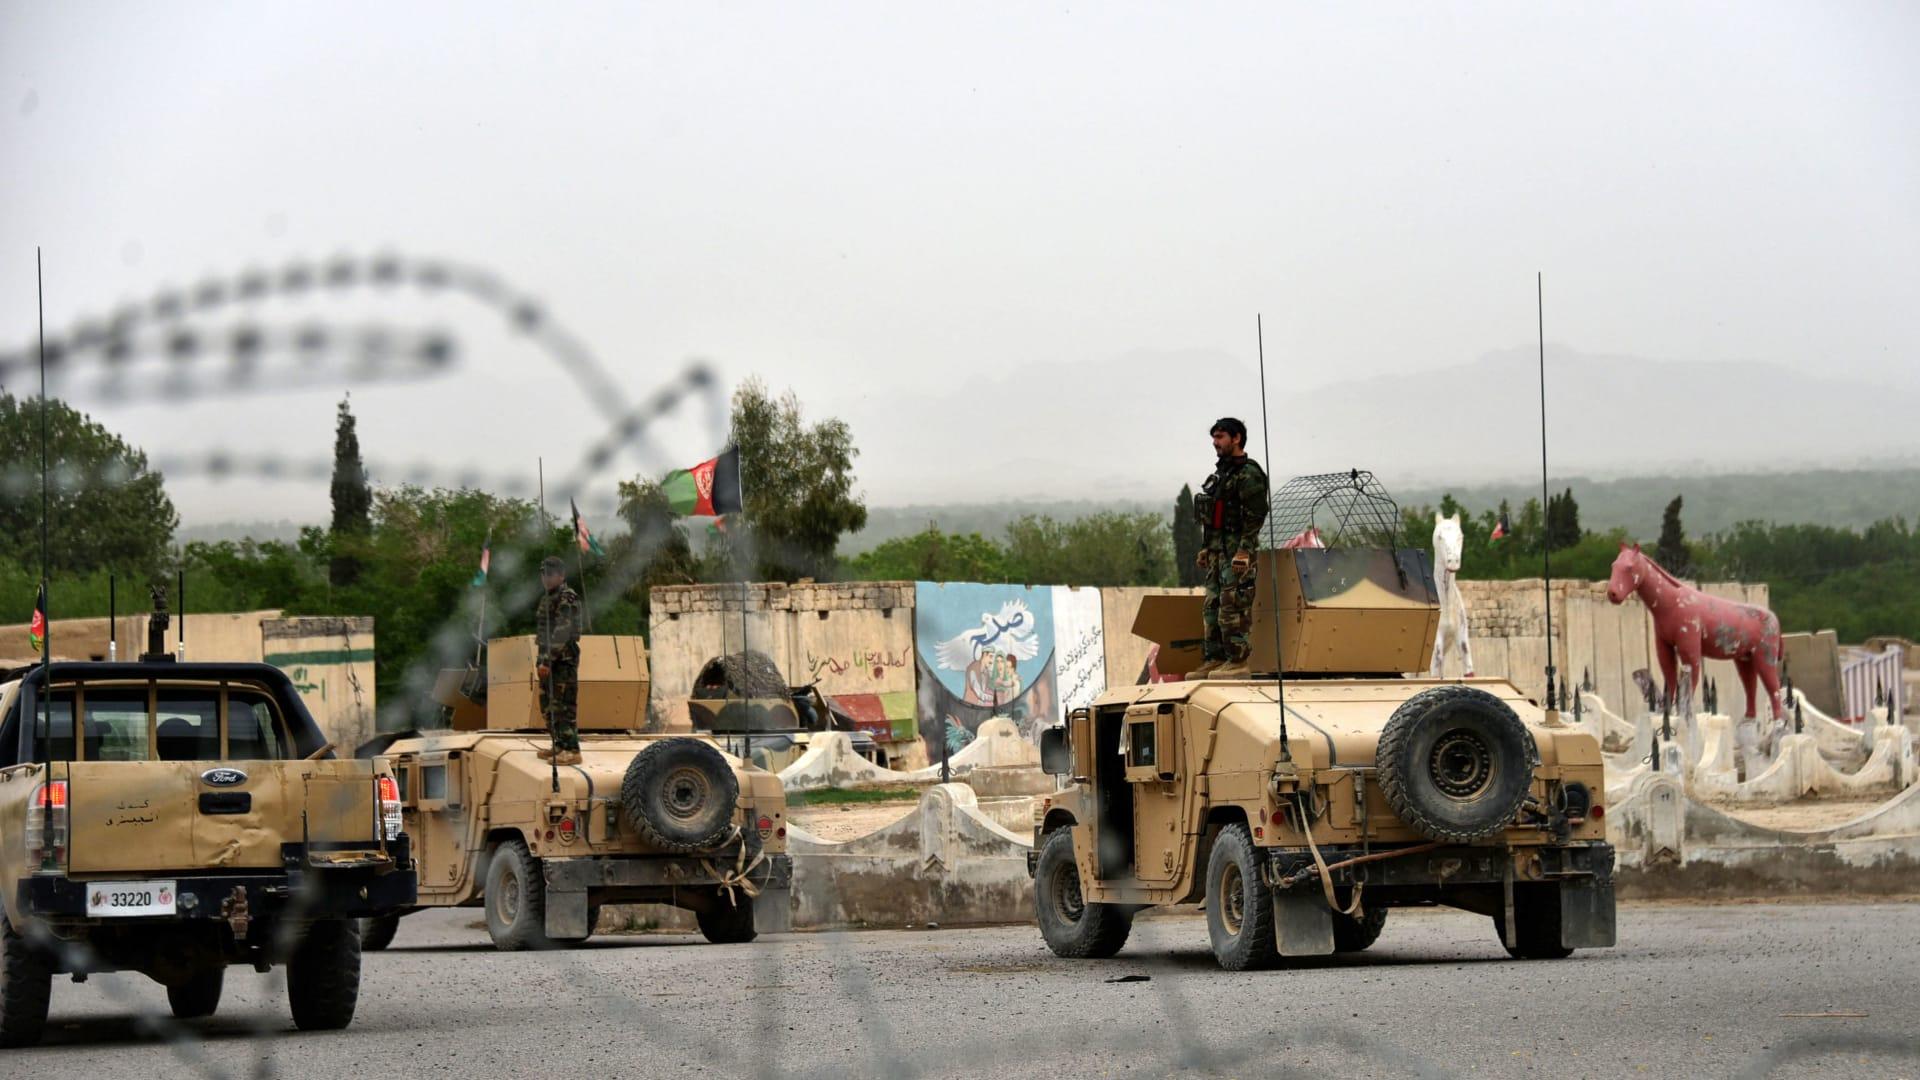 قتلى وجرحى في انفجار بعد يوم من إعلان أمريكا والناتو بدء الانسحاب من أفغانستان